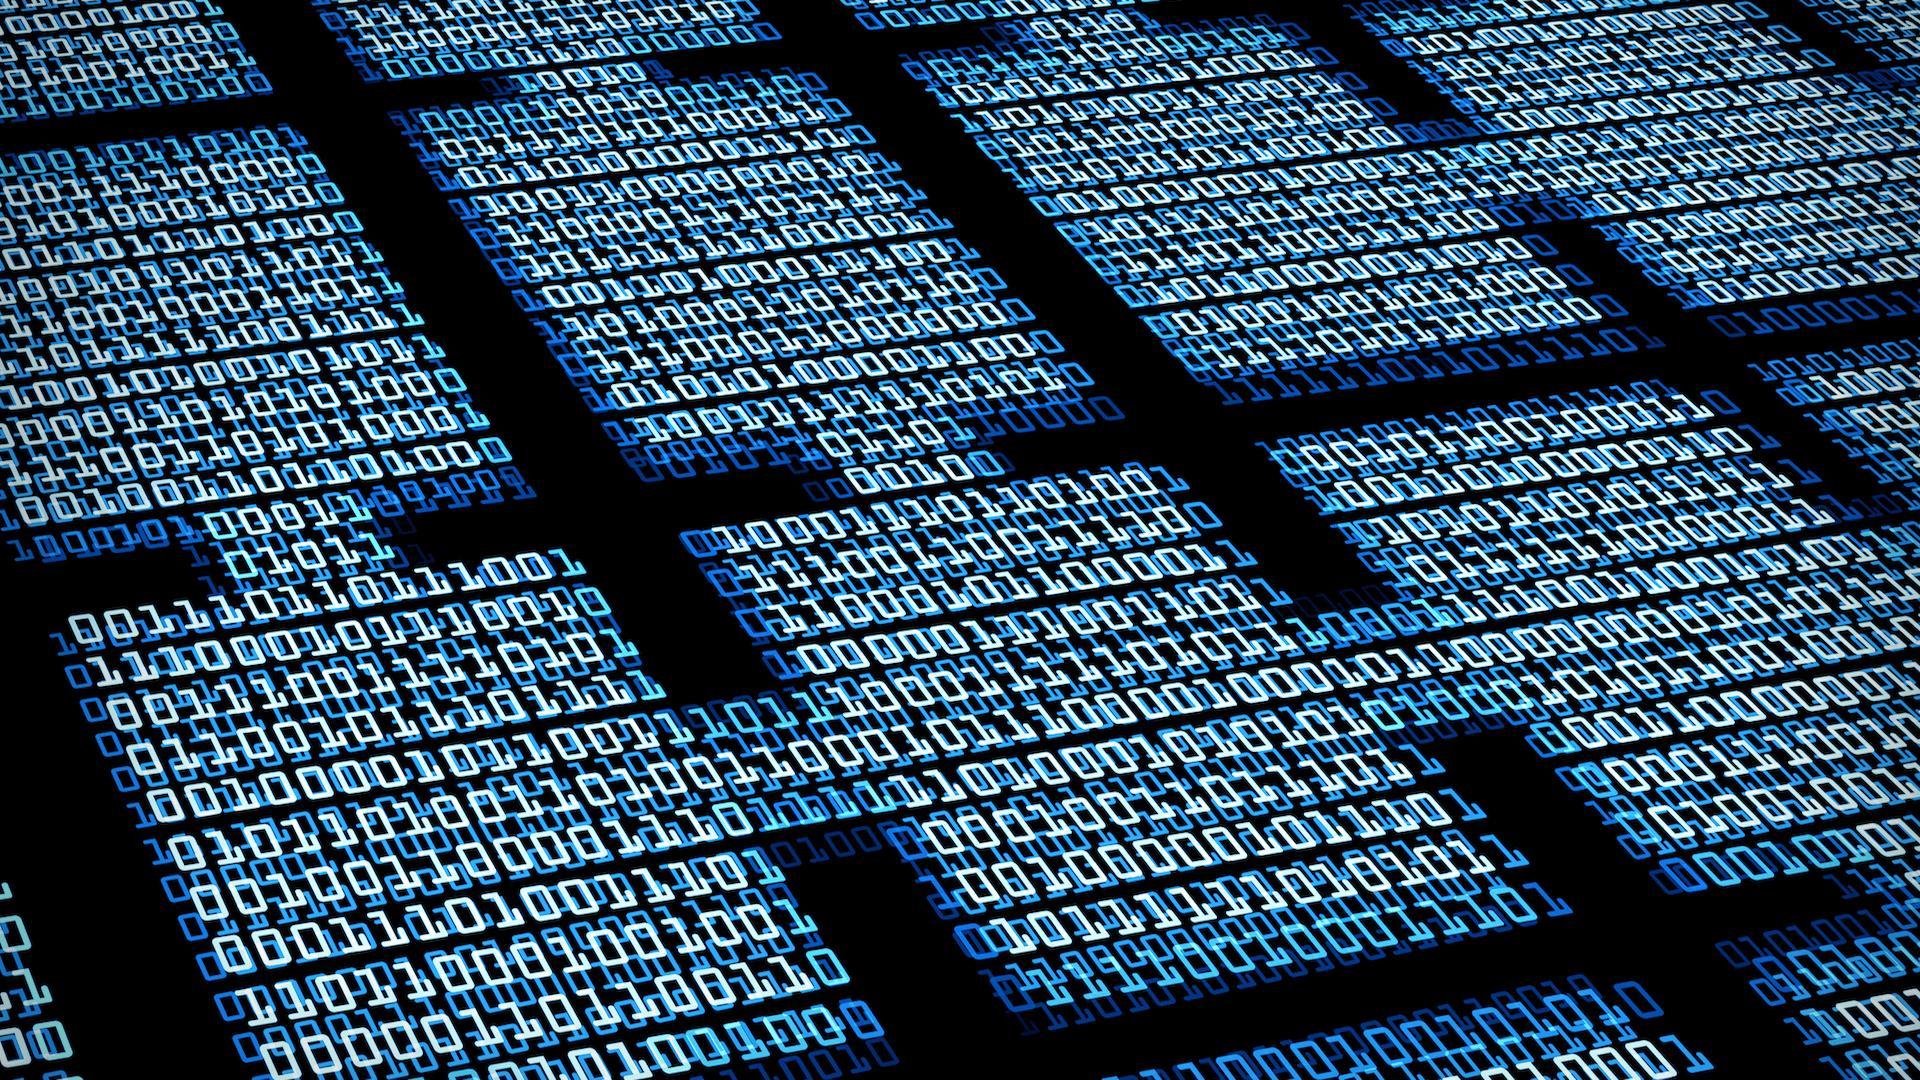 Truth Cloud Data Blockchain premiera i clienti per la condivisione dei loro dati di navigazione Internet privati - Truth Cloud Data Blockchain premierà i clienti per la condivisione dei loro dati di navigazione Internet privati